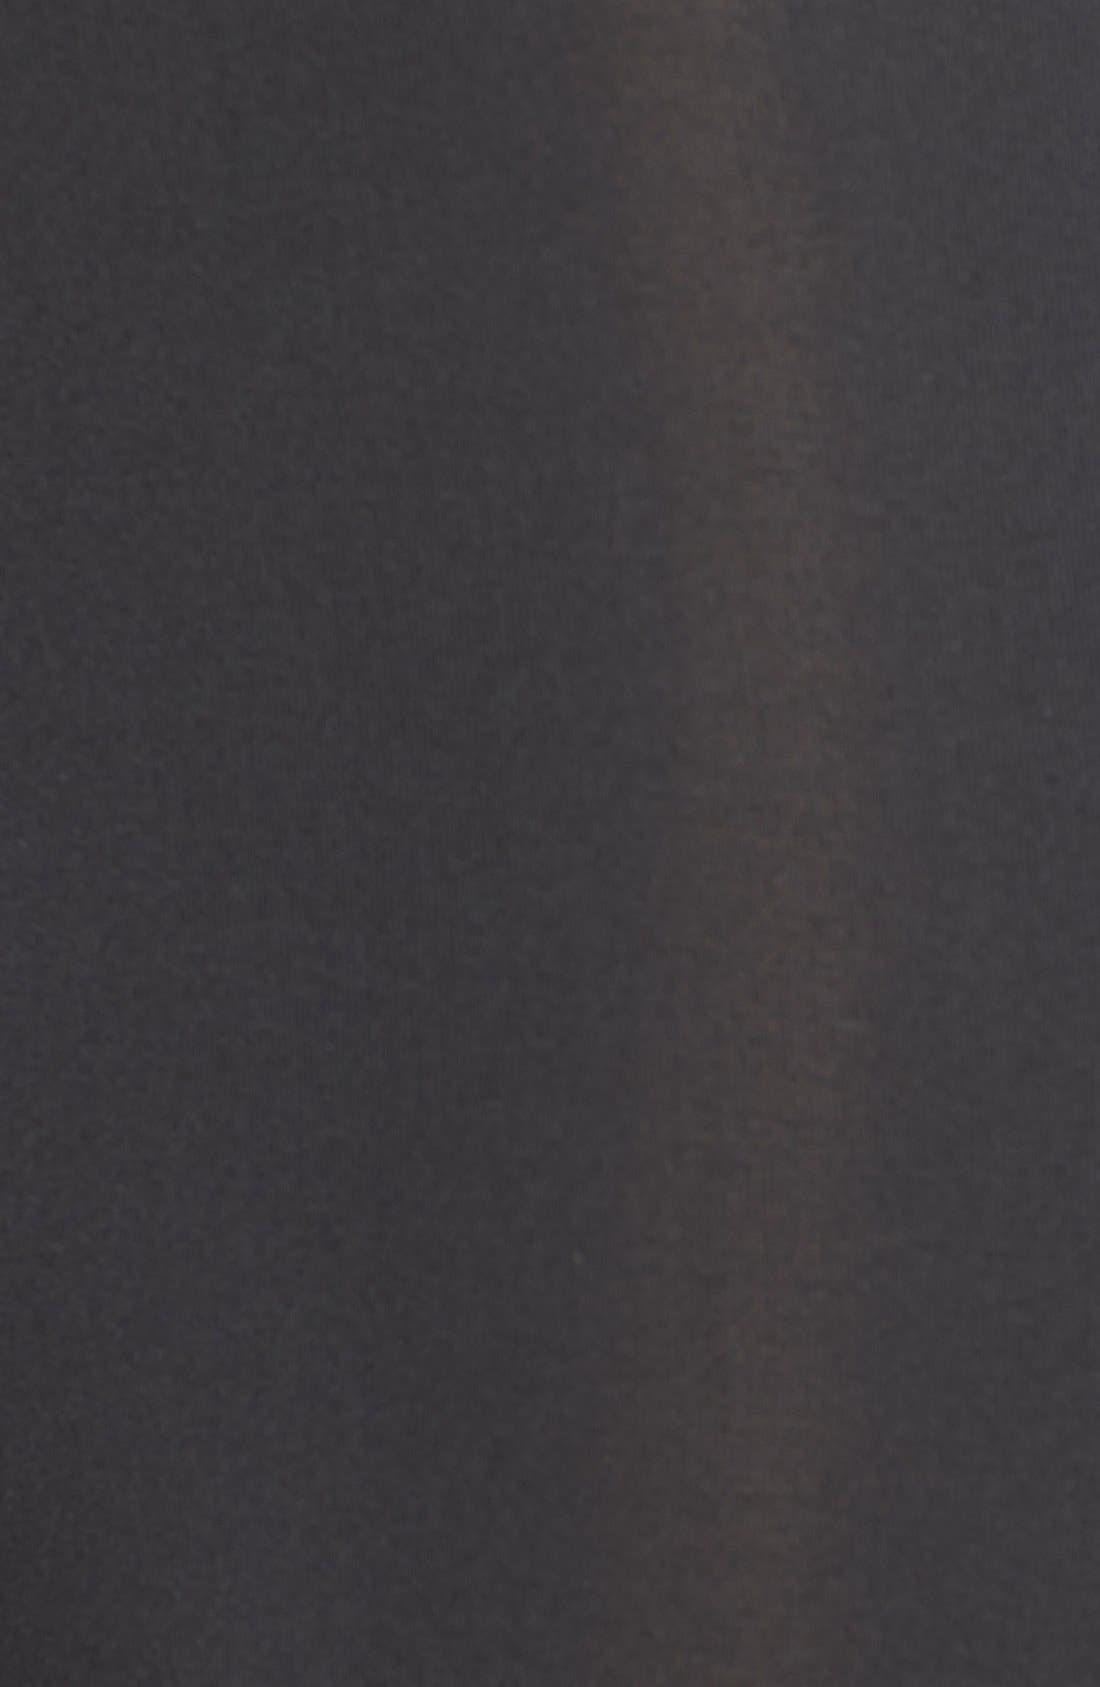 NIKE,                             'Pro' Dri-FIT Shorts,                             Alternate thumbnail 5, color,                             012